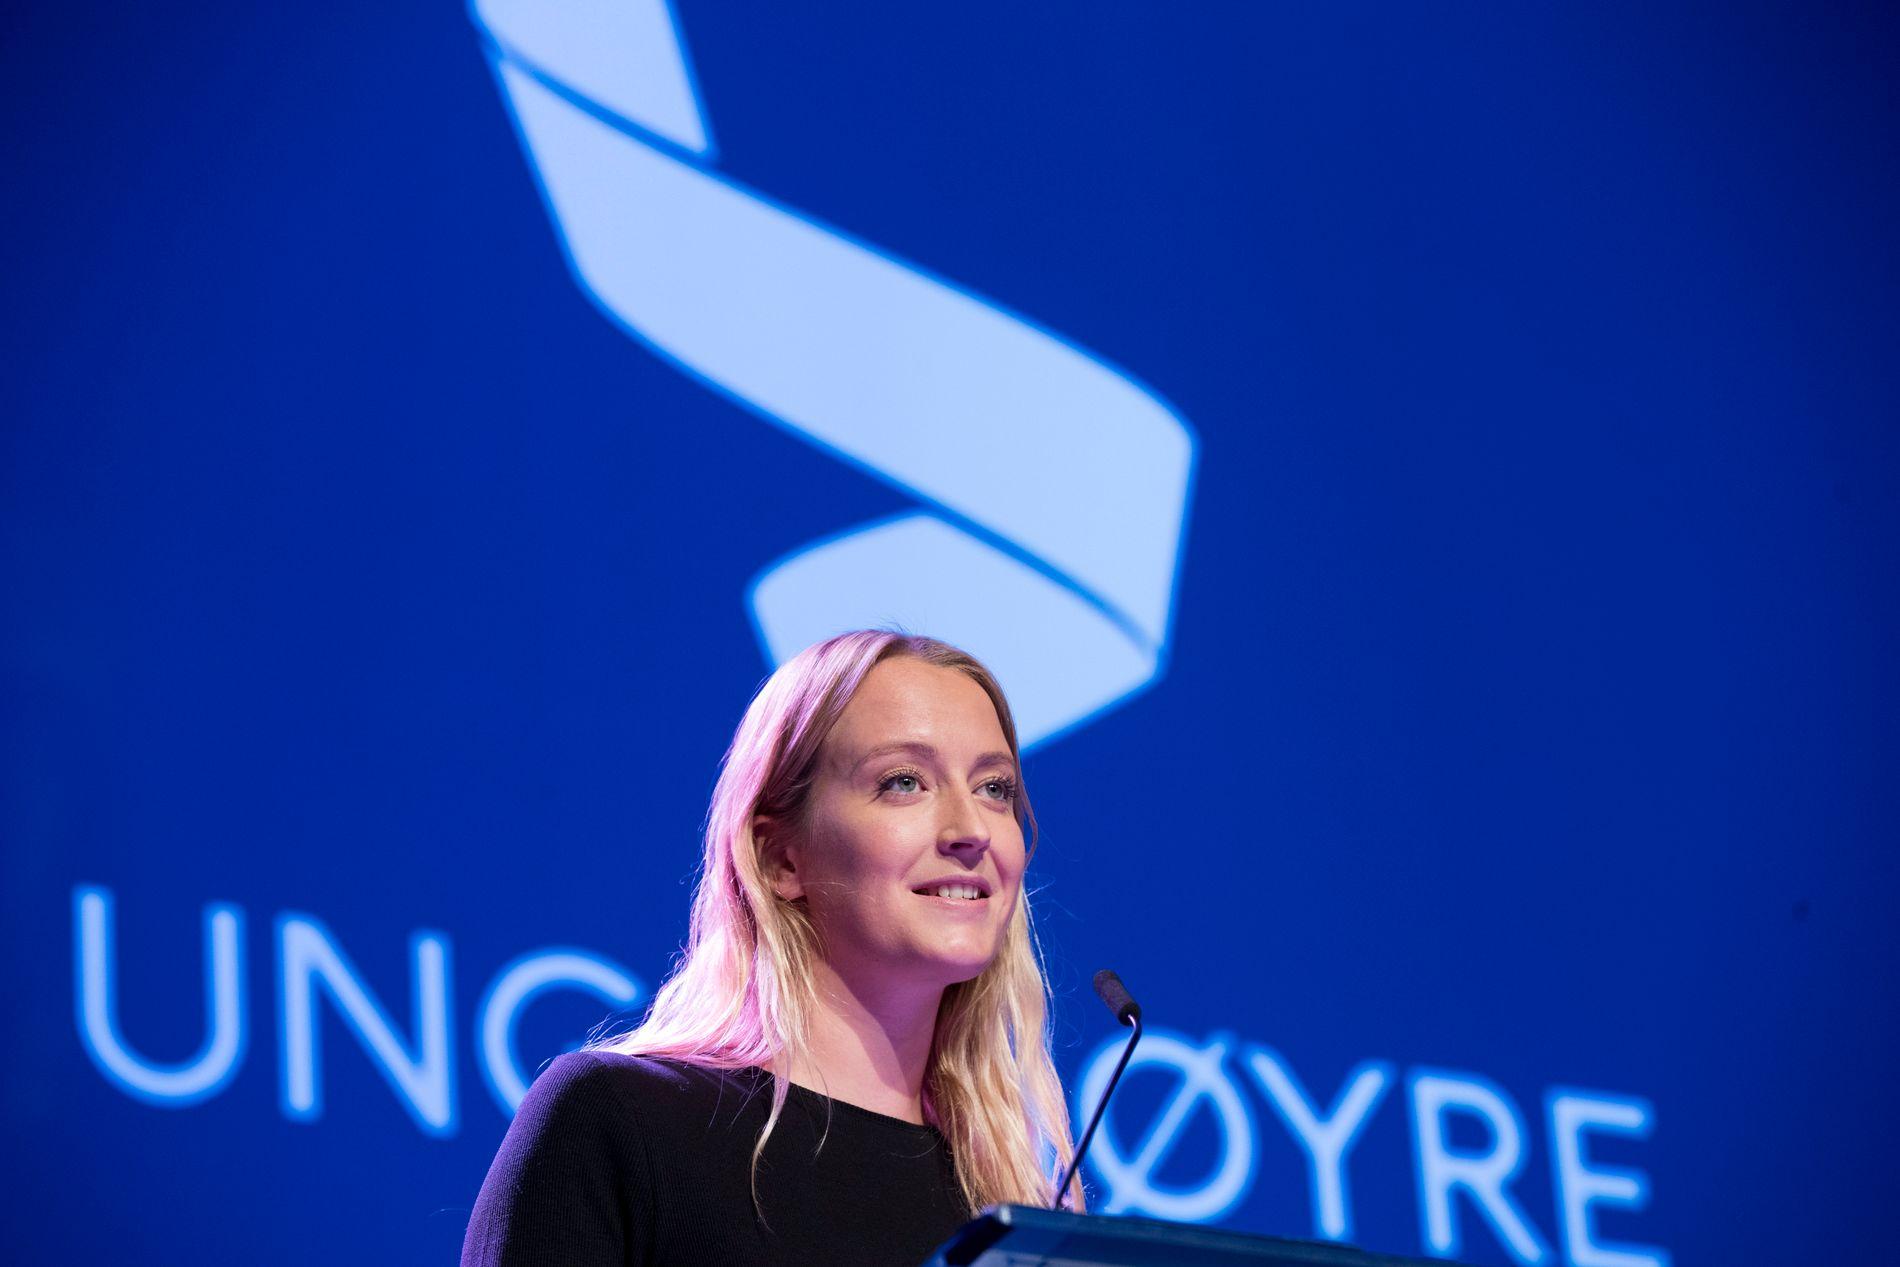 ABORT-ADVARSEL: – Høyres politikk er at dagens abortlov ligger fast. Abortloven burde ikke være et forhandlingskort, skriver lederen i Unge Høyre.